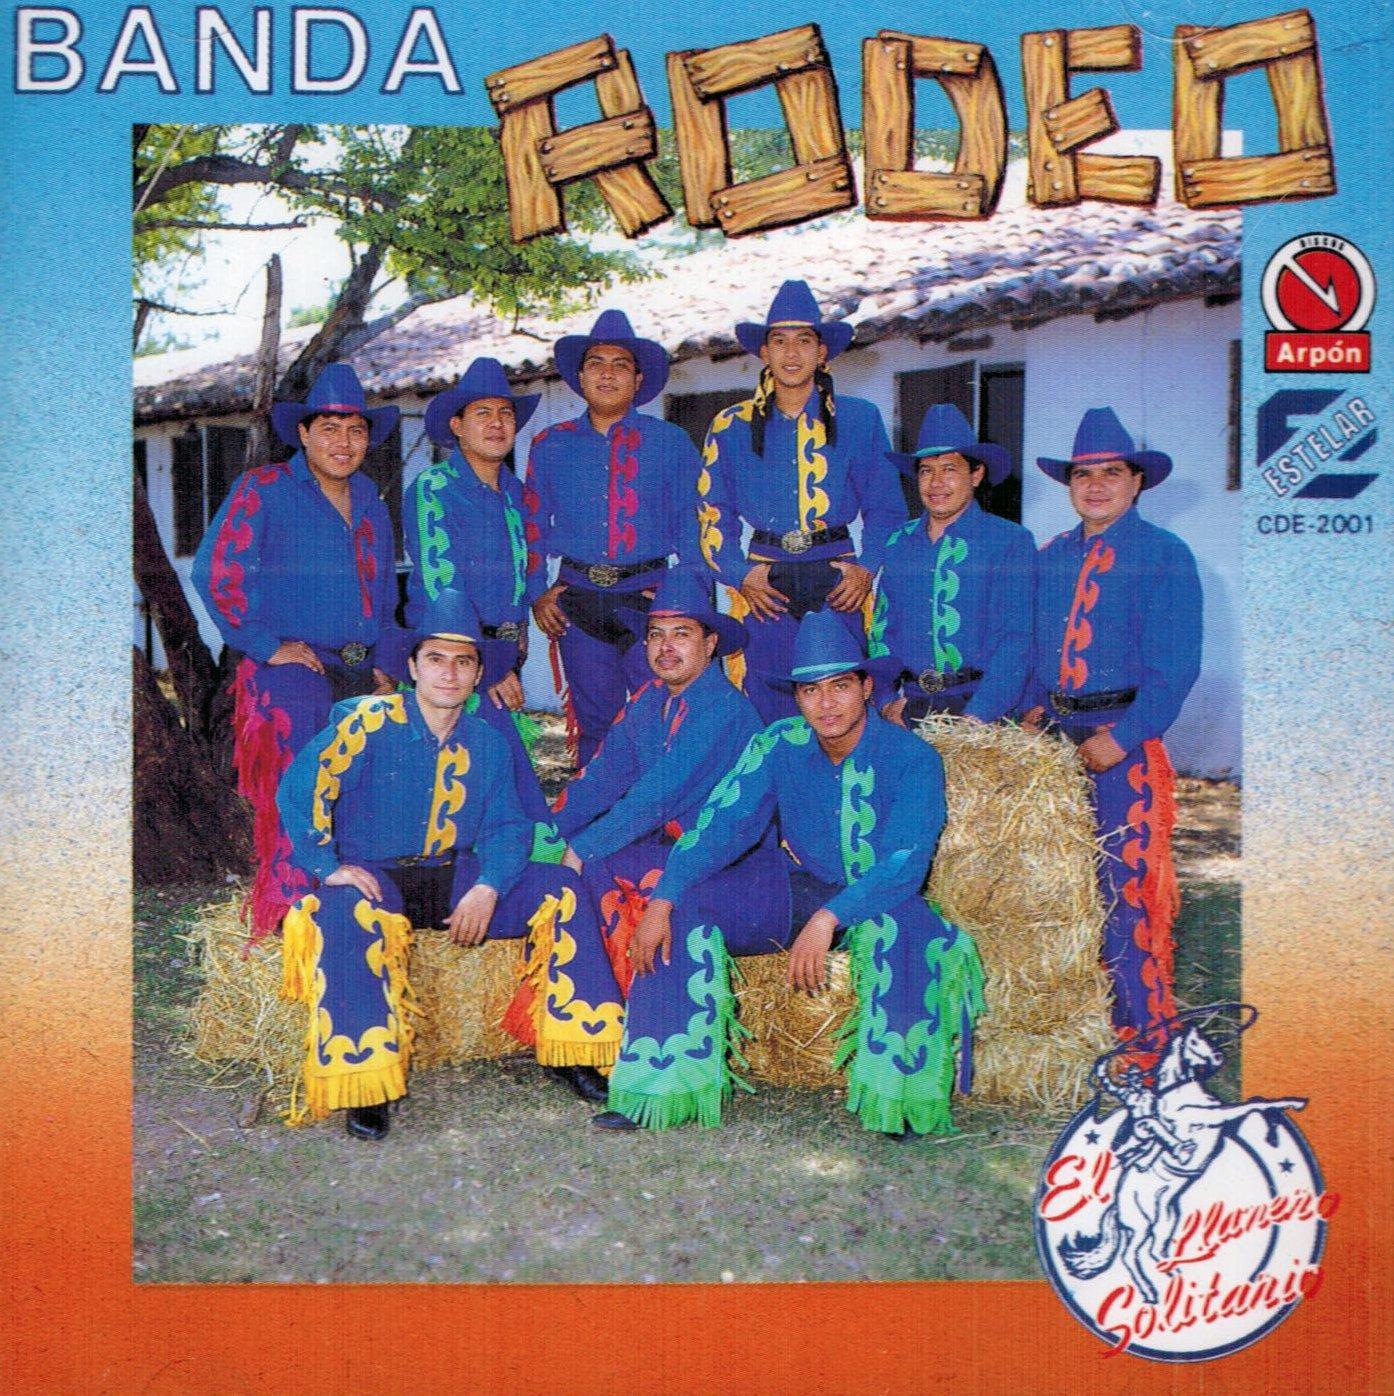 Banda Rodeo De Ranking TOP8 Morelos El Cde-2001 Llanero Soliatrio Manufacturer regenerated product